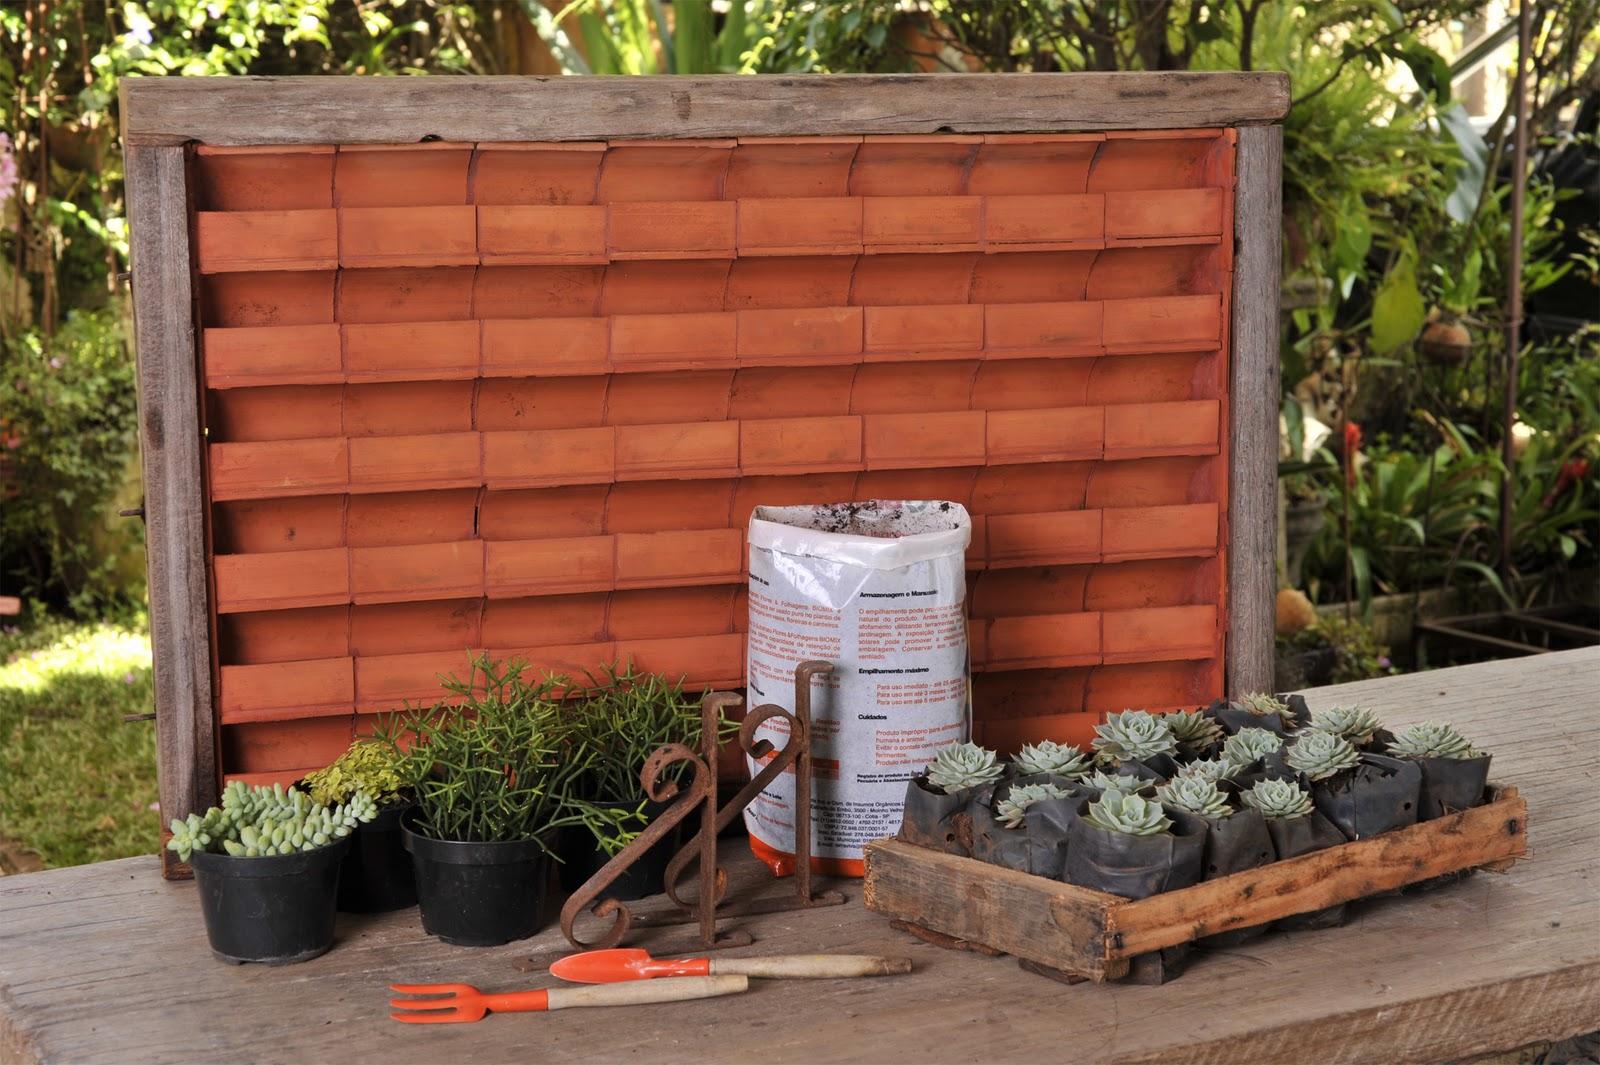 Vá plantando com substrato e mudas das suculentas alternadamente #9C462F 1600x1065